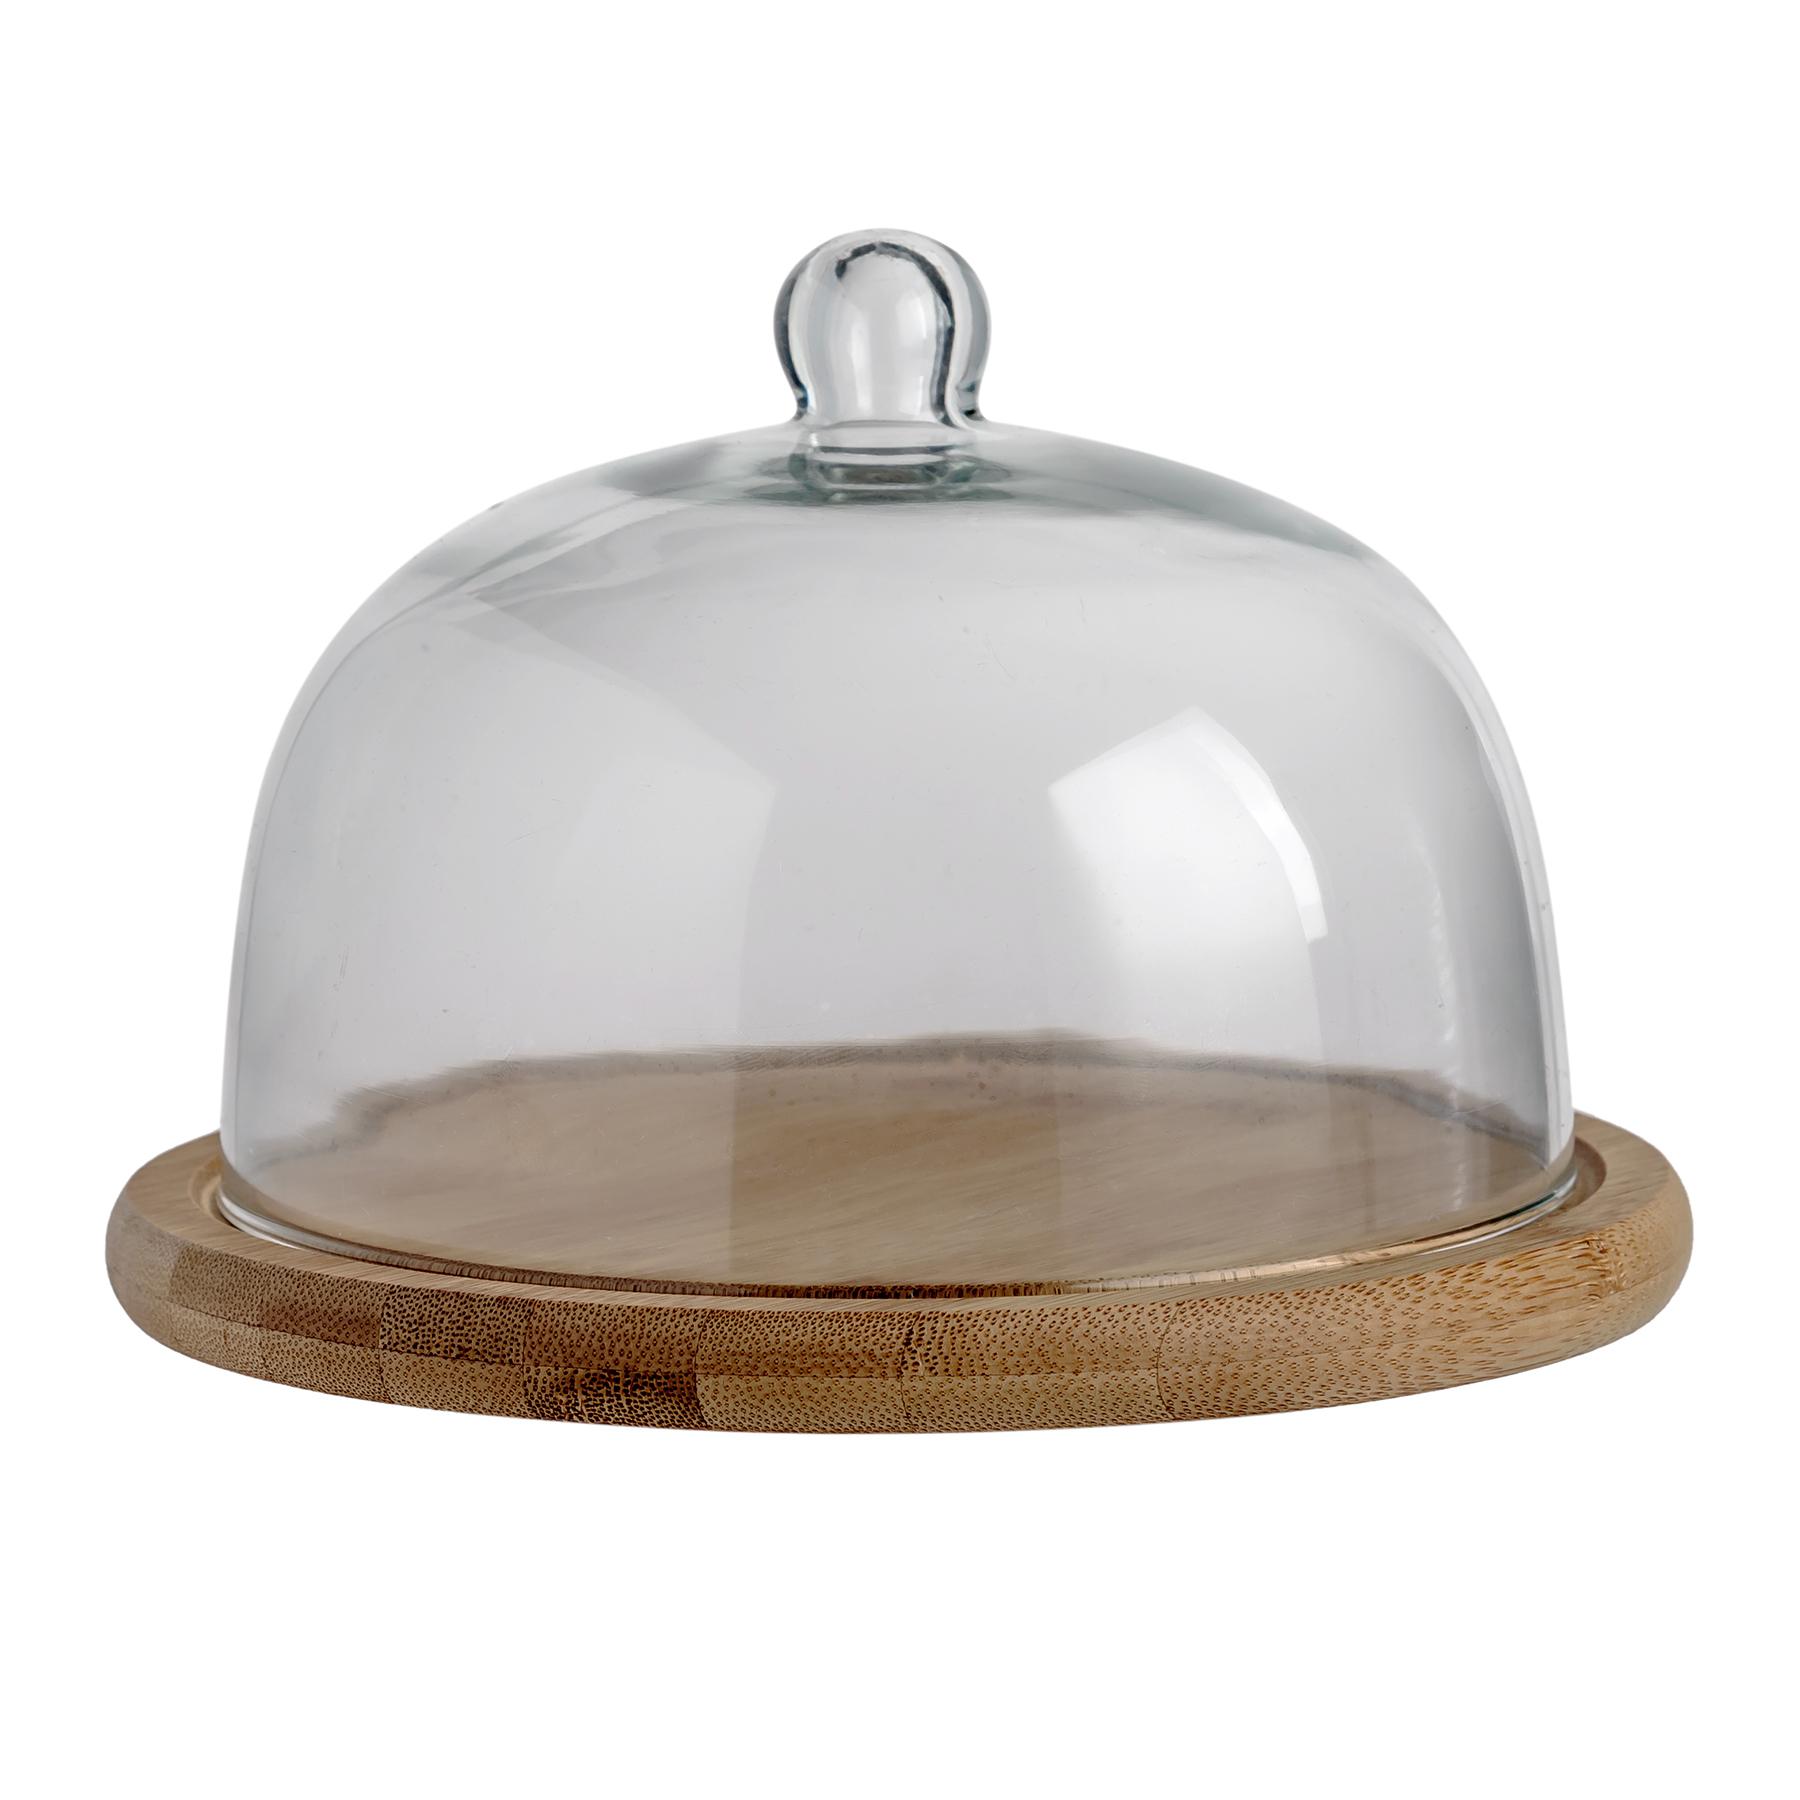 Купол декоративный ПироженкиПодставки и доски<br>Размер: купол D24хH17 см; подставка D25 см.<br><br>Material: Стекло<br>Высота см: 17